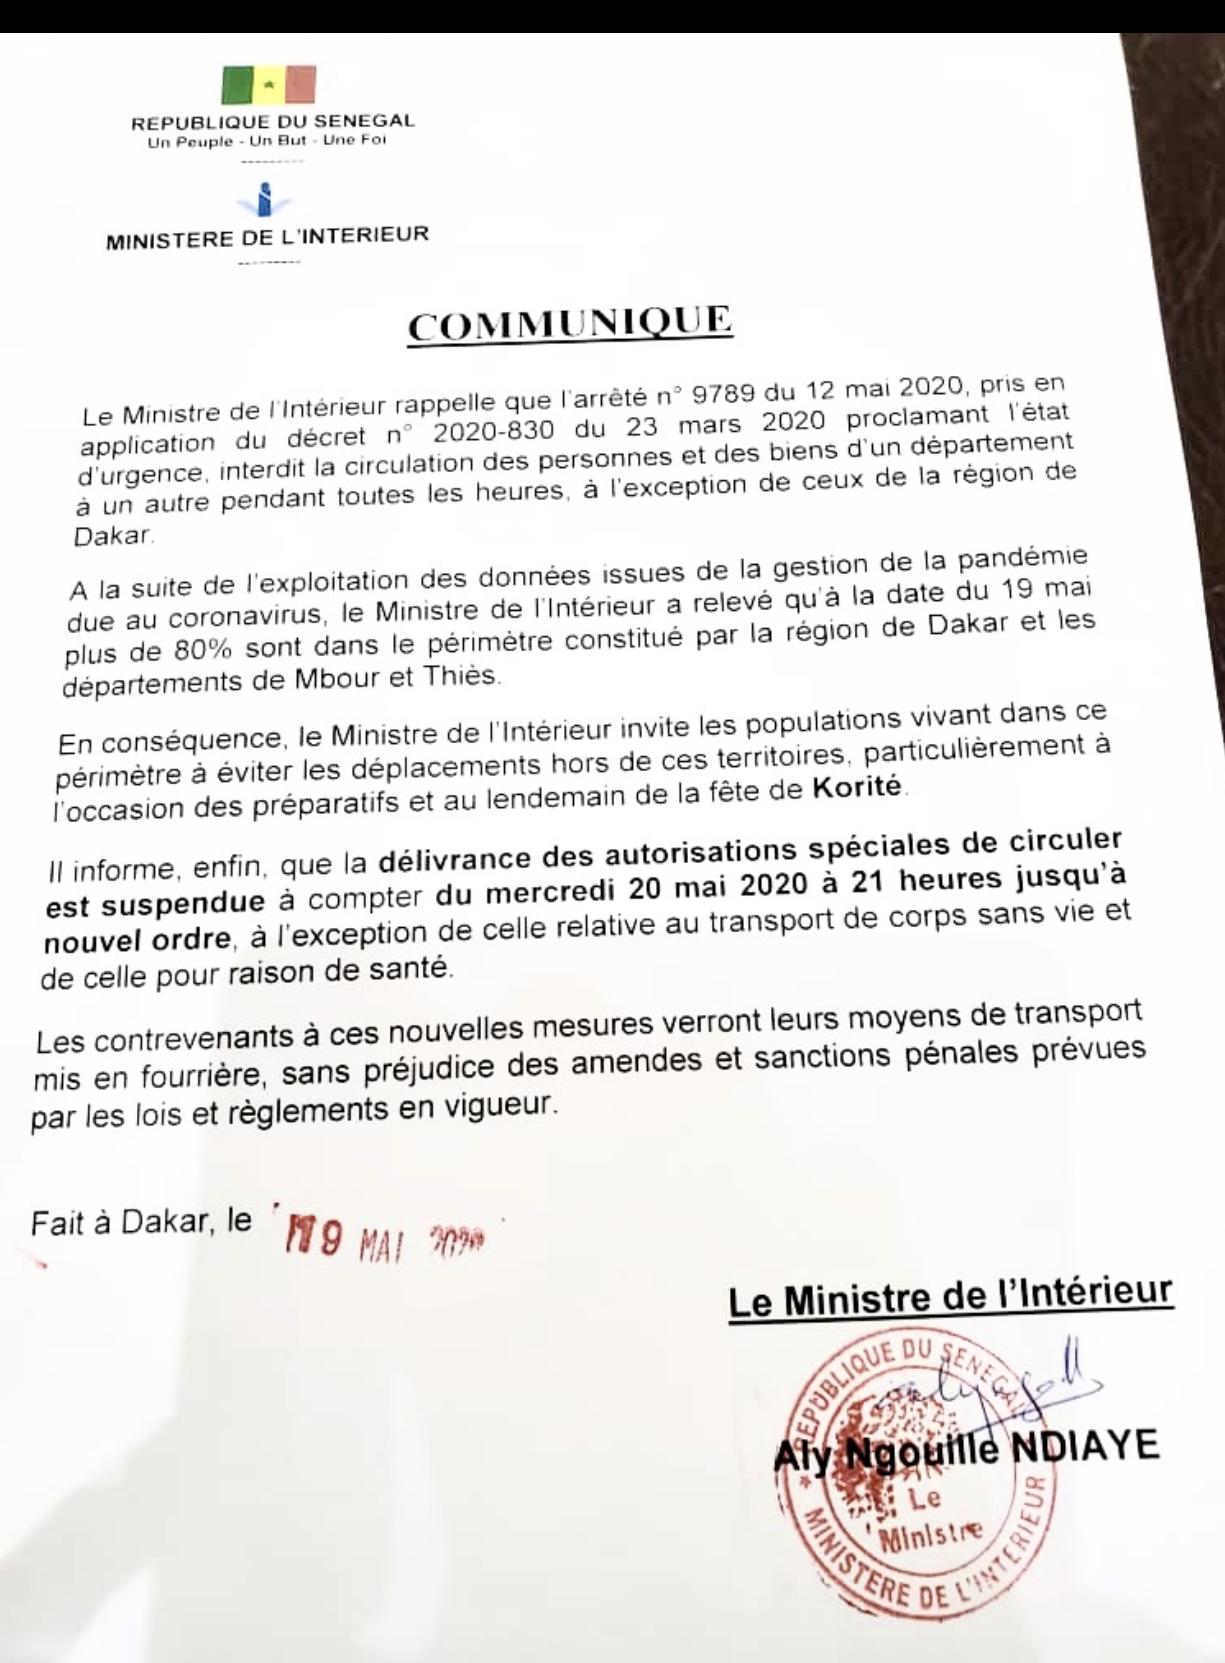 CIRCULATION INTERURBAINE : Le ministre de l'intérieur annule la délivrance des autorisations. (DOCUMENT)